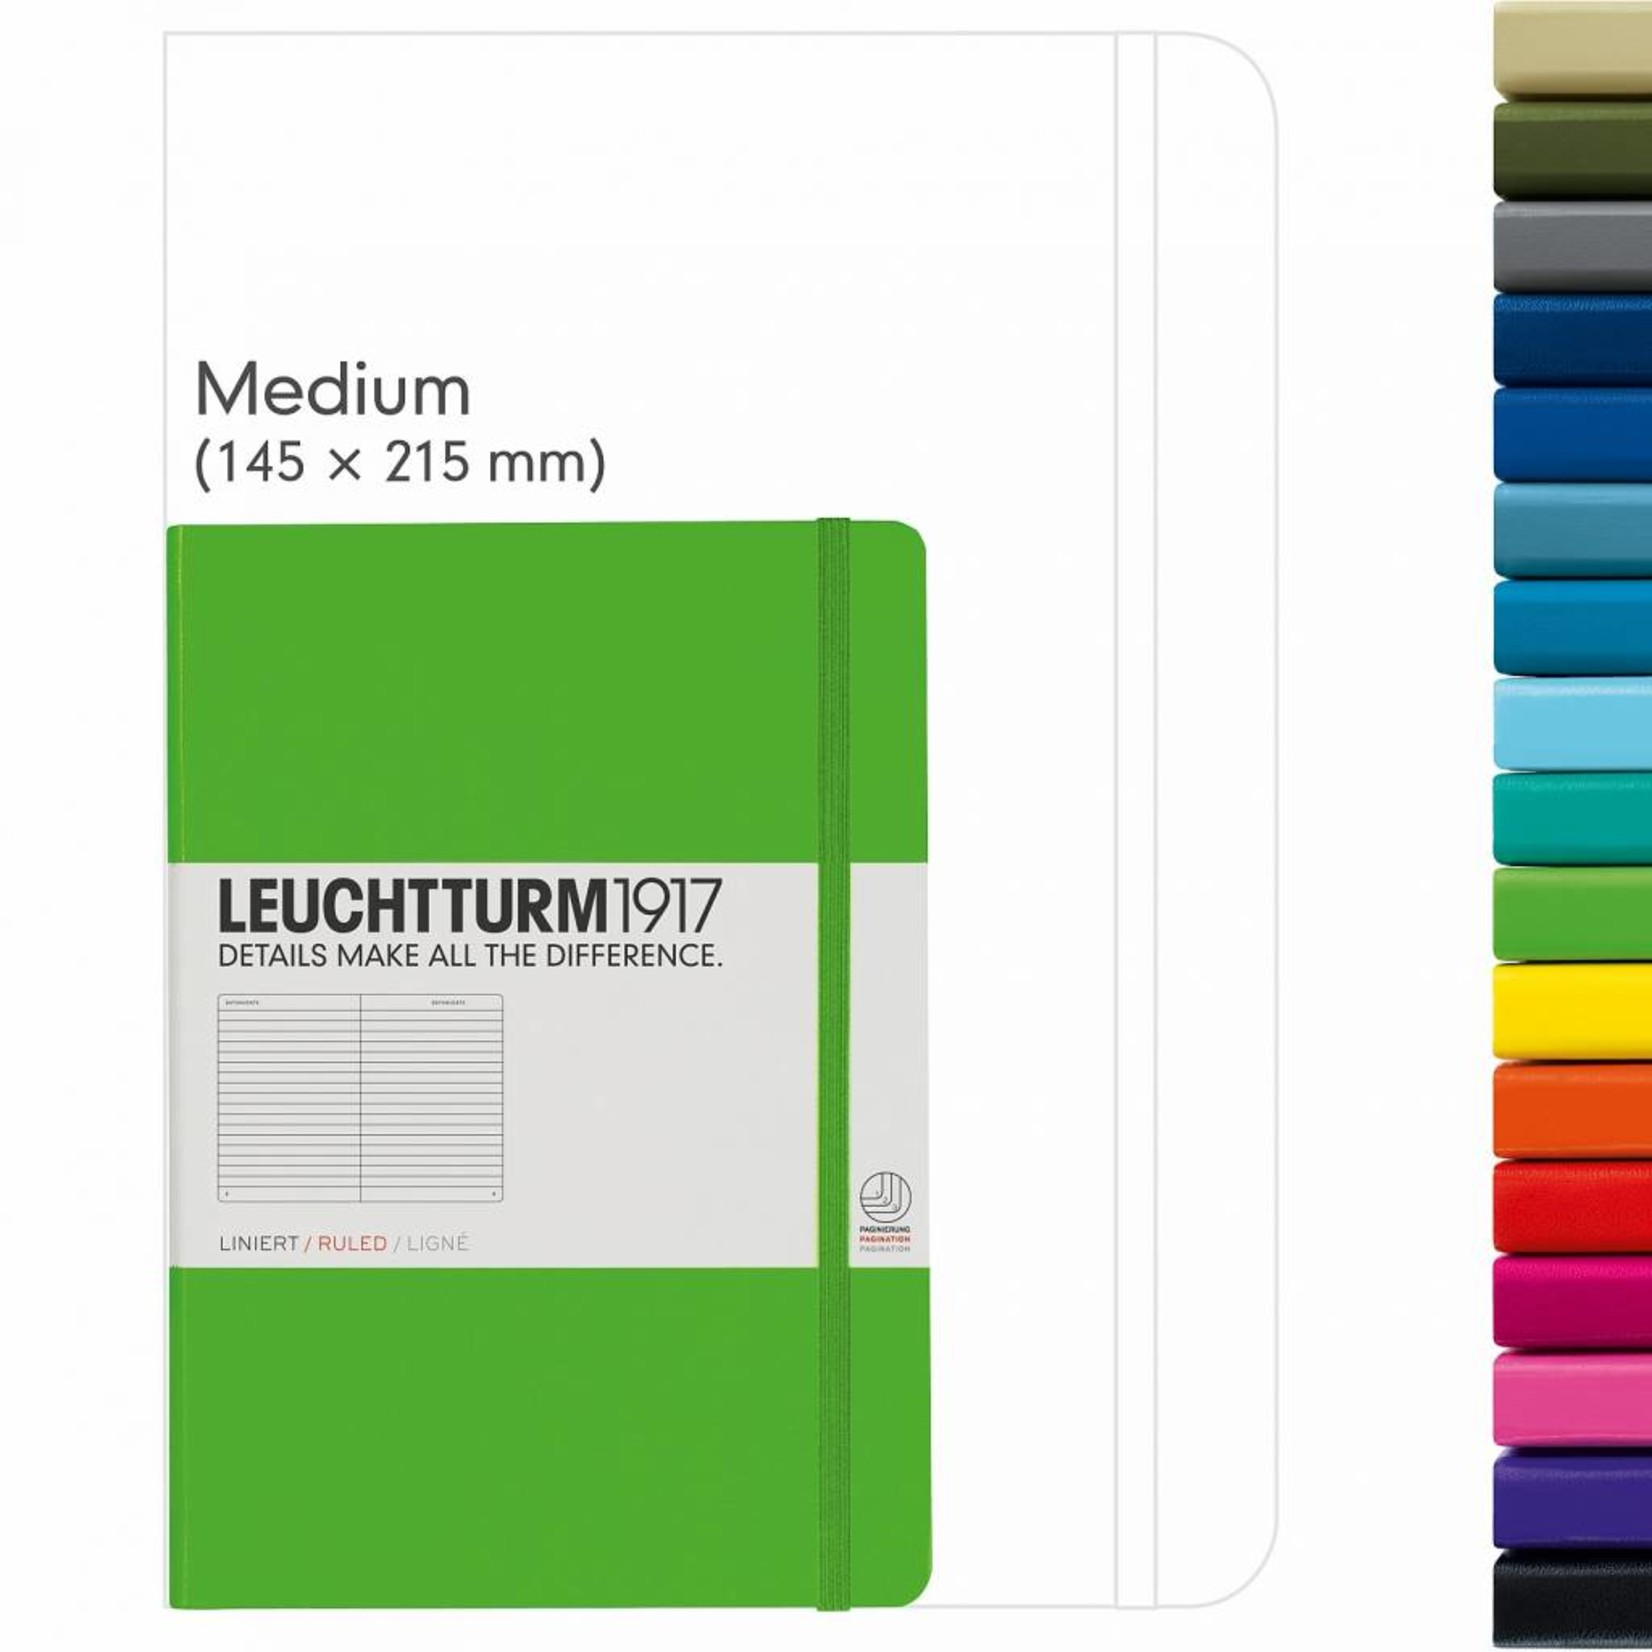 LT Notizbuch A5 MEDIUM HC azure kariert